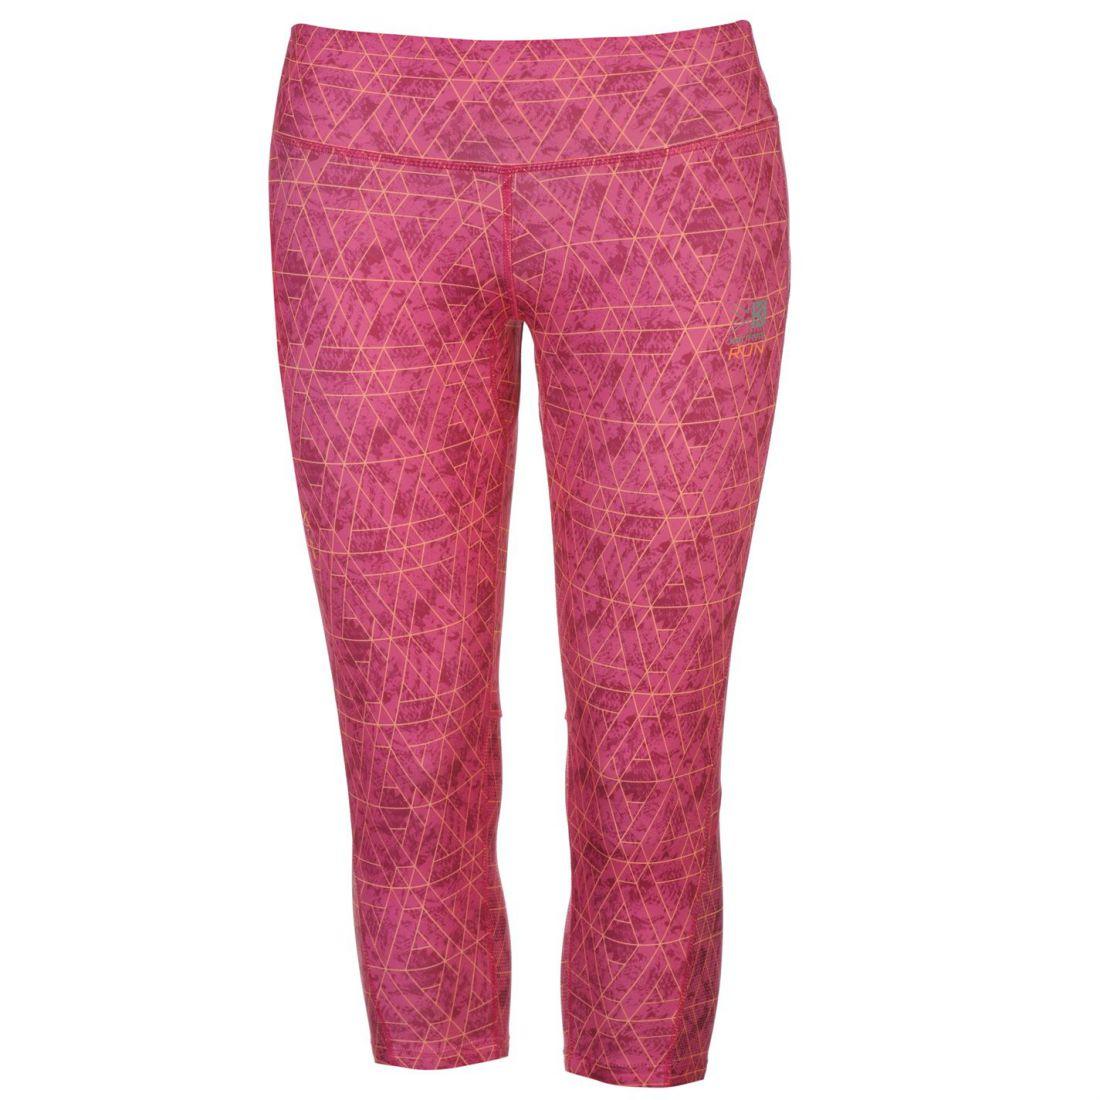 Karrimor Ladies X Running Capri Pants Tights Activewear Mesh Drawstring Clothing